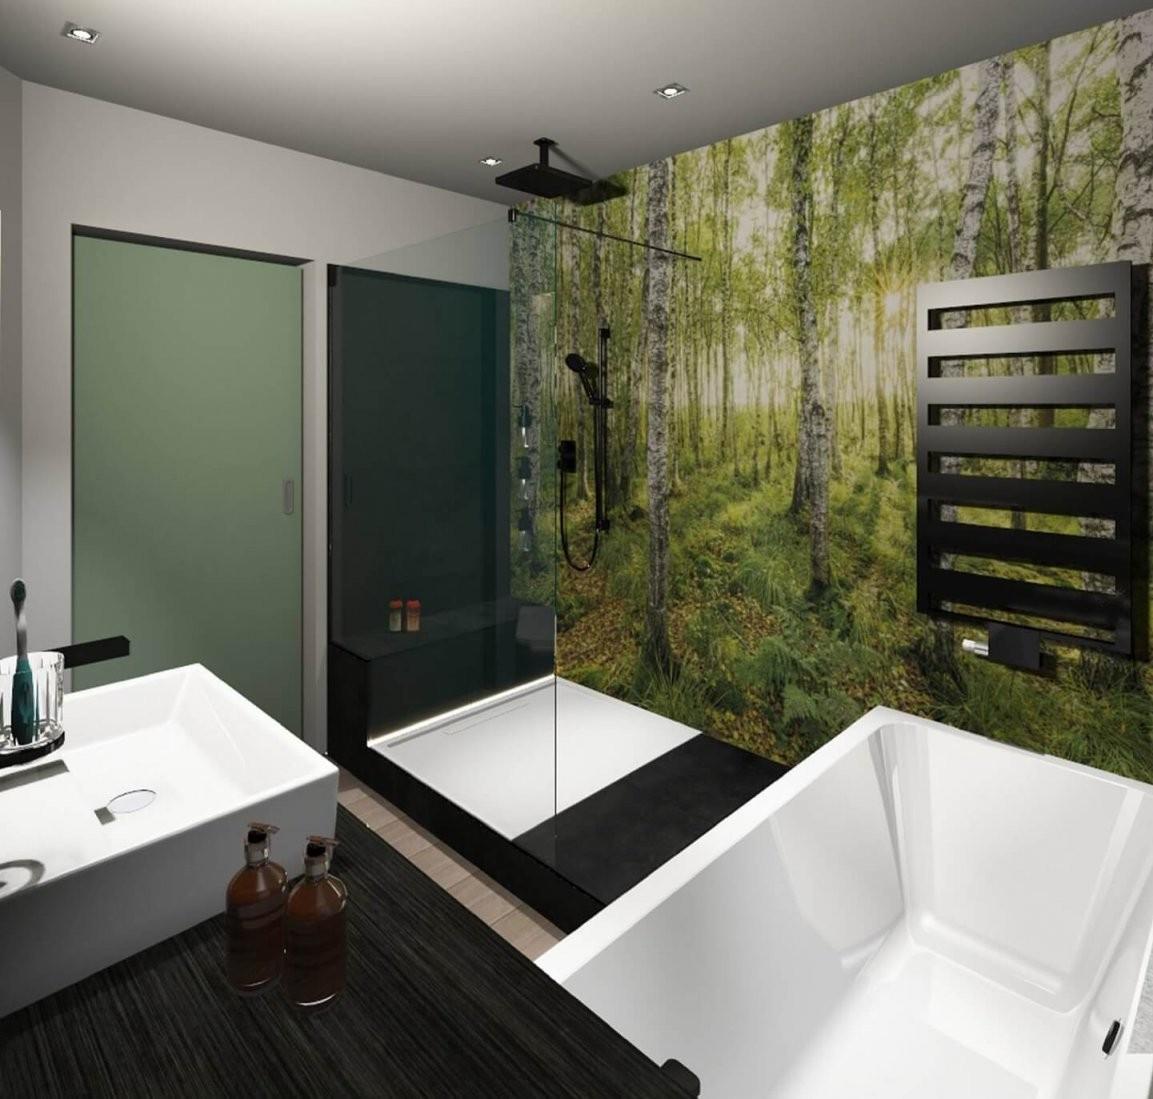 Badsanierung Kosten Komplett Nicht Mehr Weit Zum Traumbad von Bad Ohne Fliesen Kosten Bild